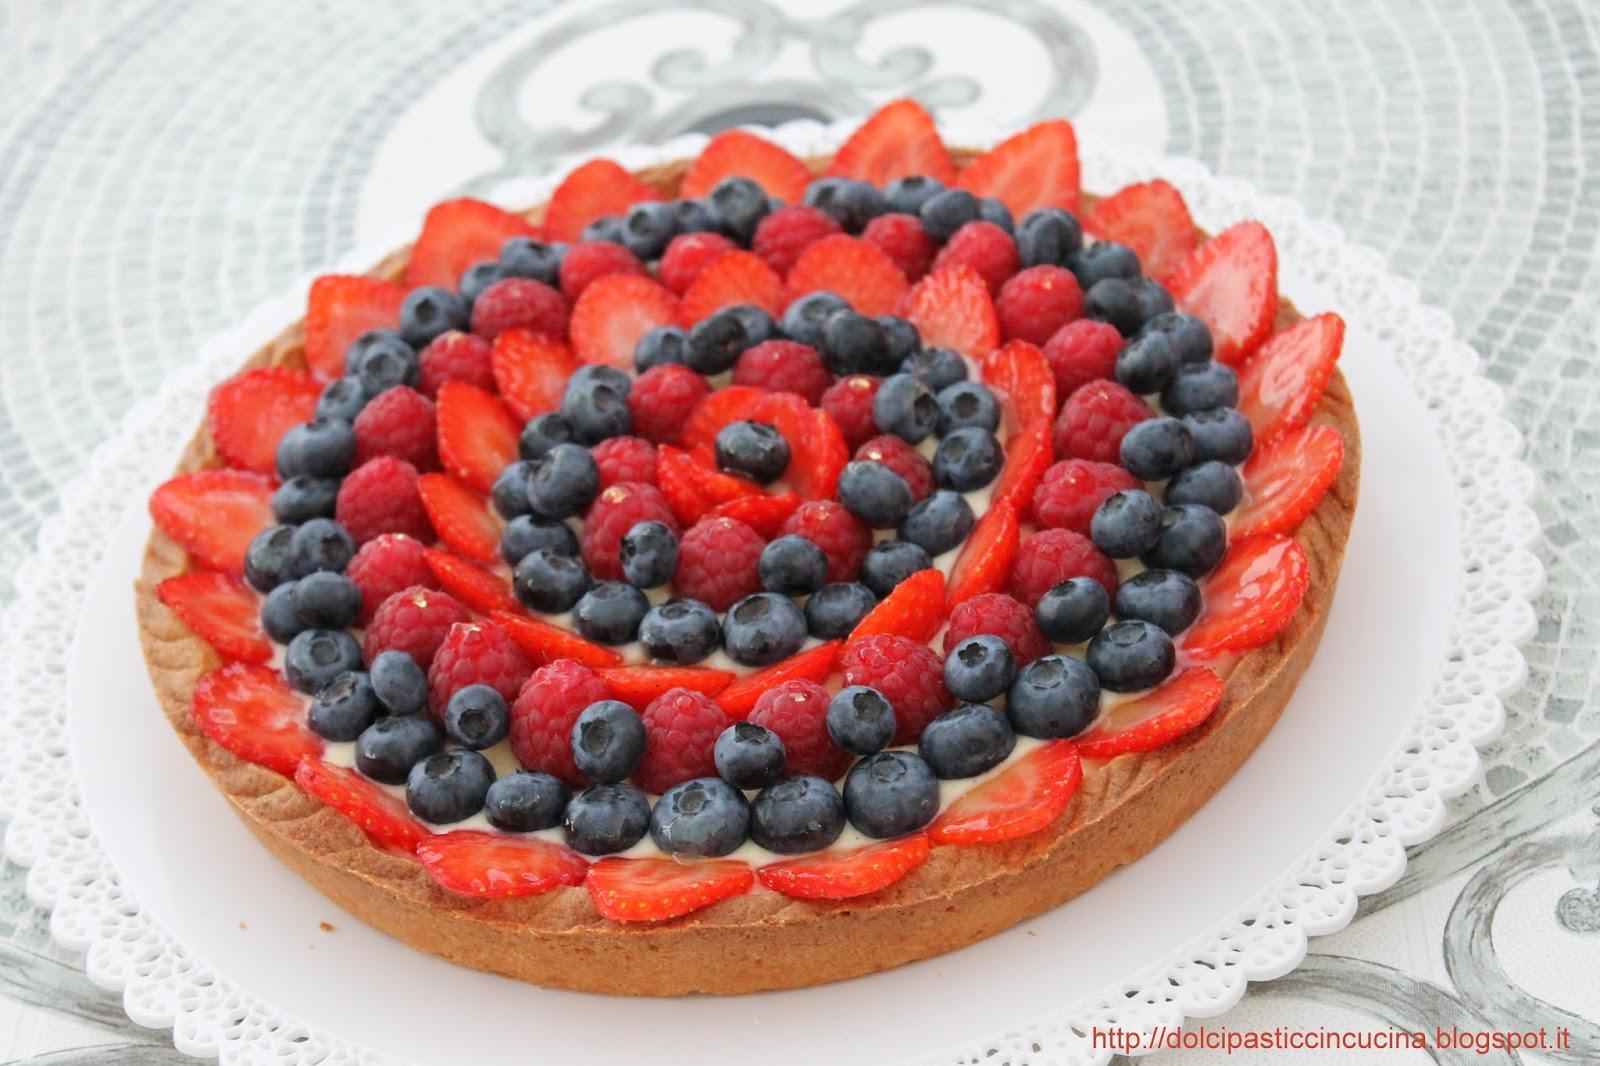 """InCucinaColCuore: Crostata di frutta """"Montersino style ..."""